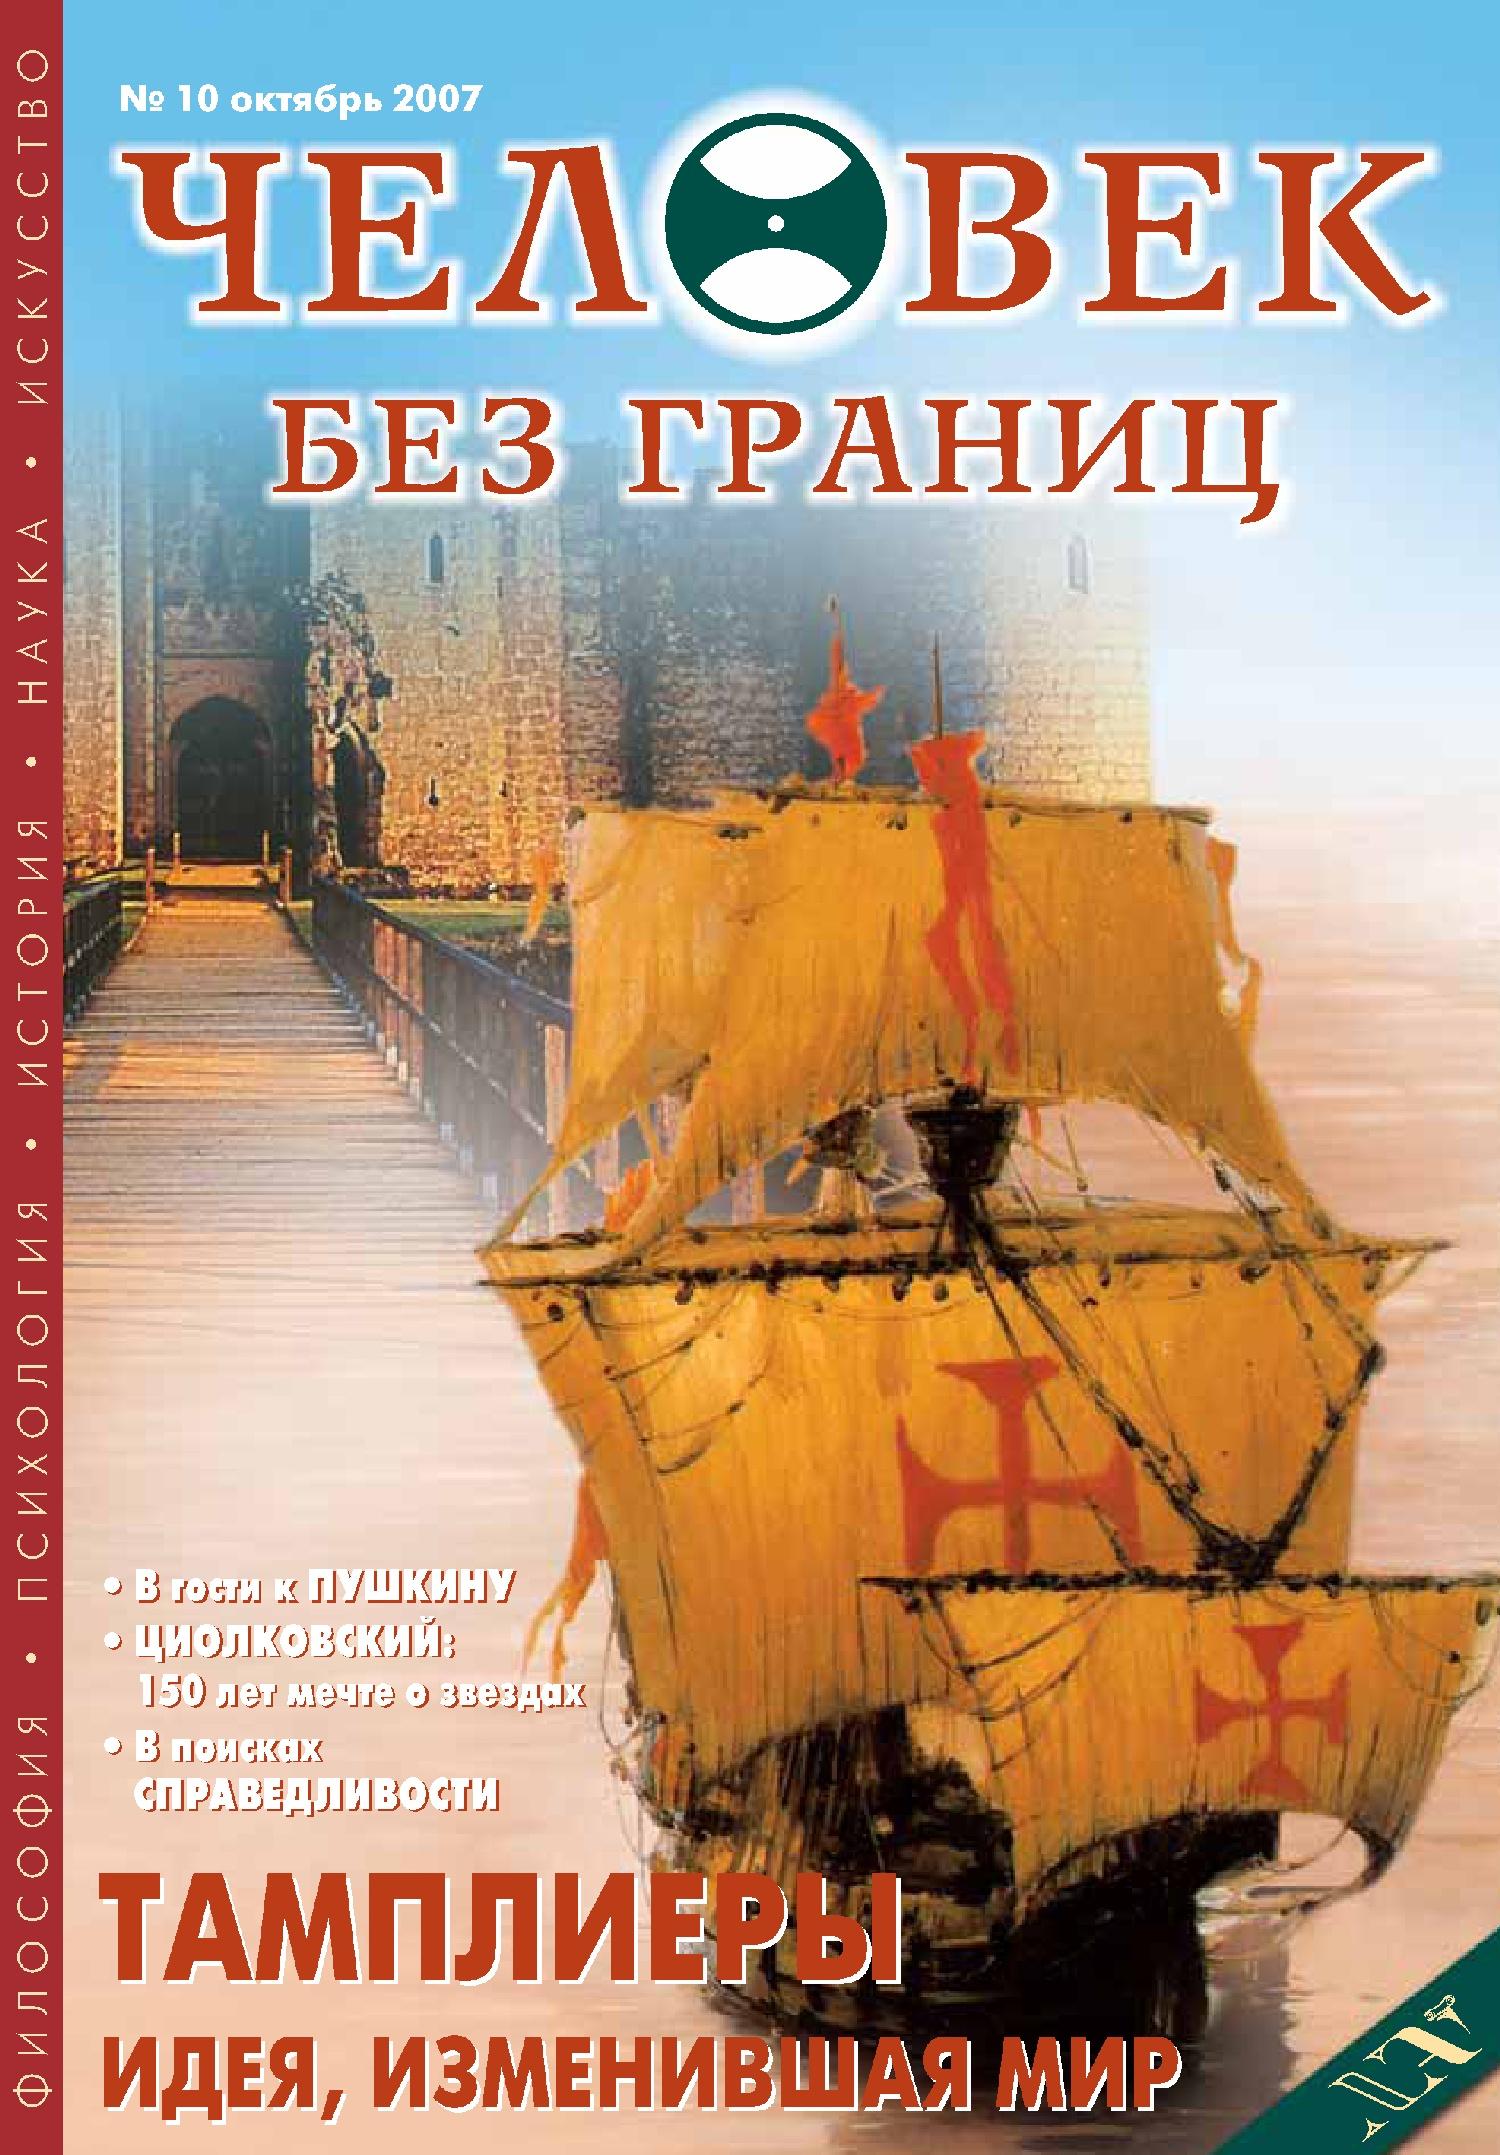 Отсутствует Журнал «Человек без границ» №10 (23) 2007 отсутствует журнал человек без границ 2 15 2007